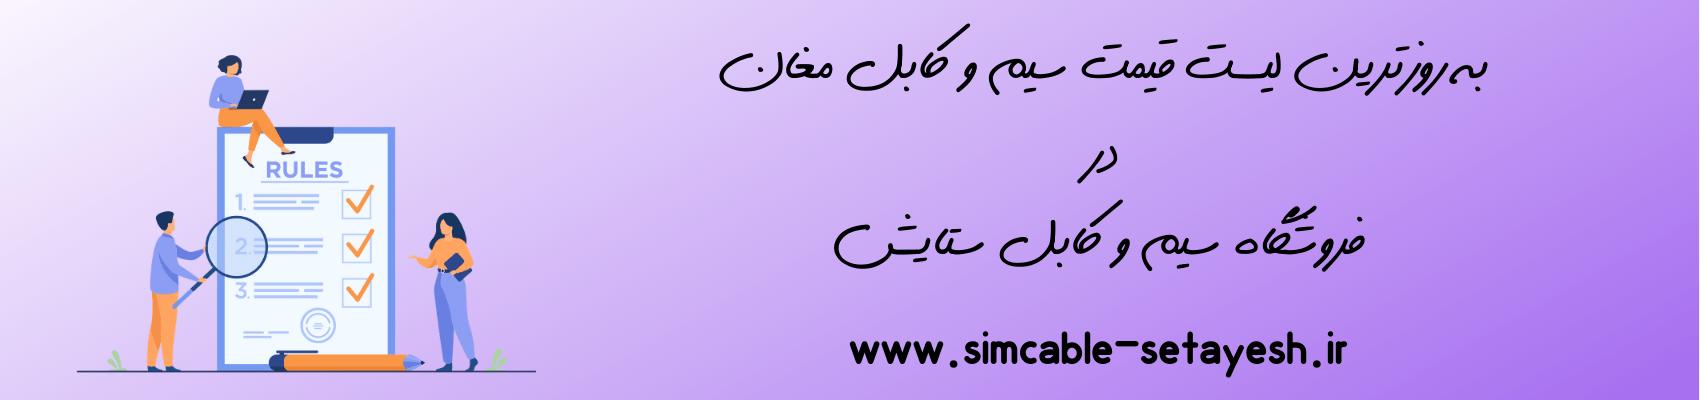 سیم و کابل مغان